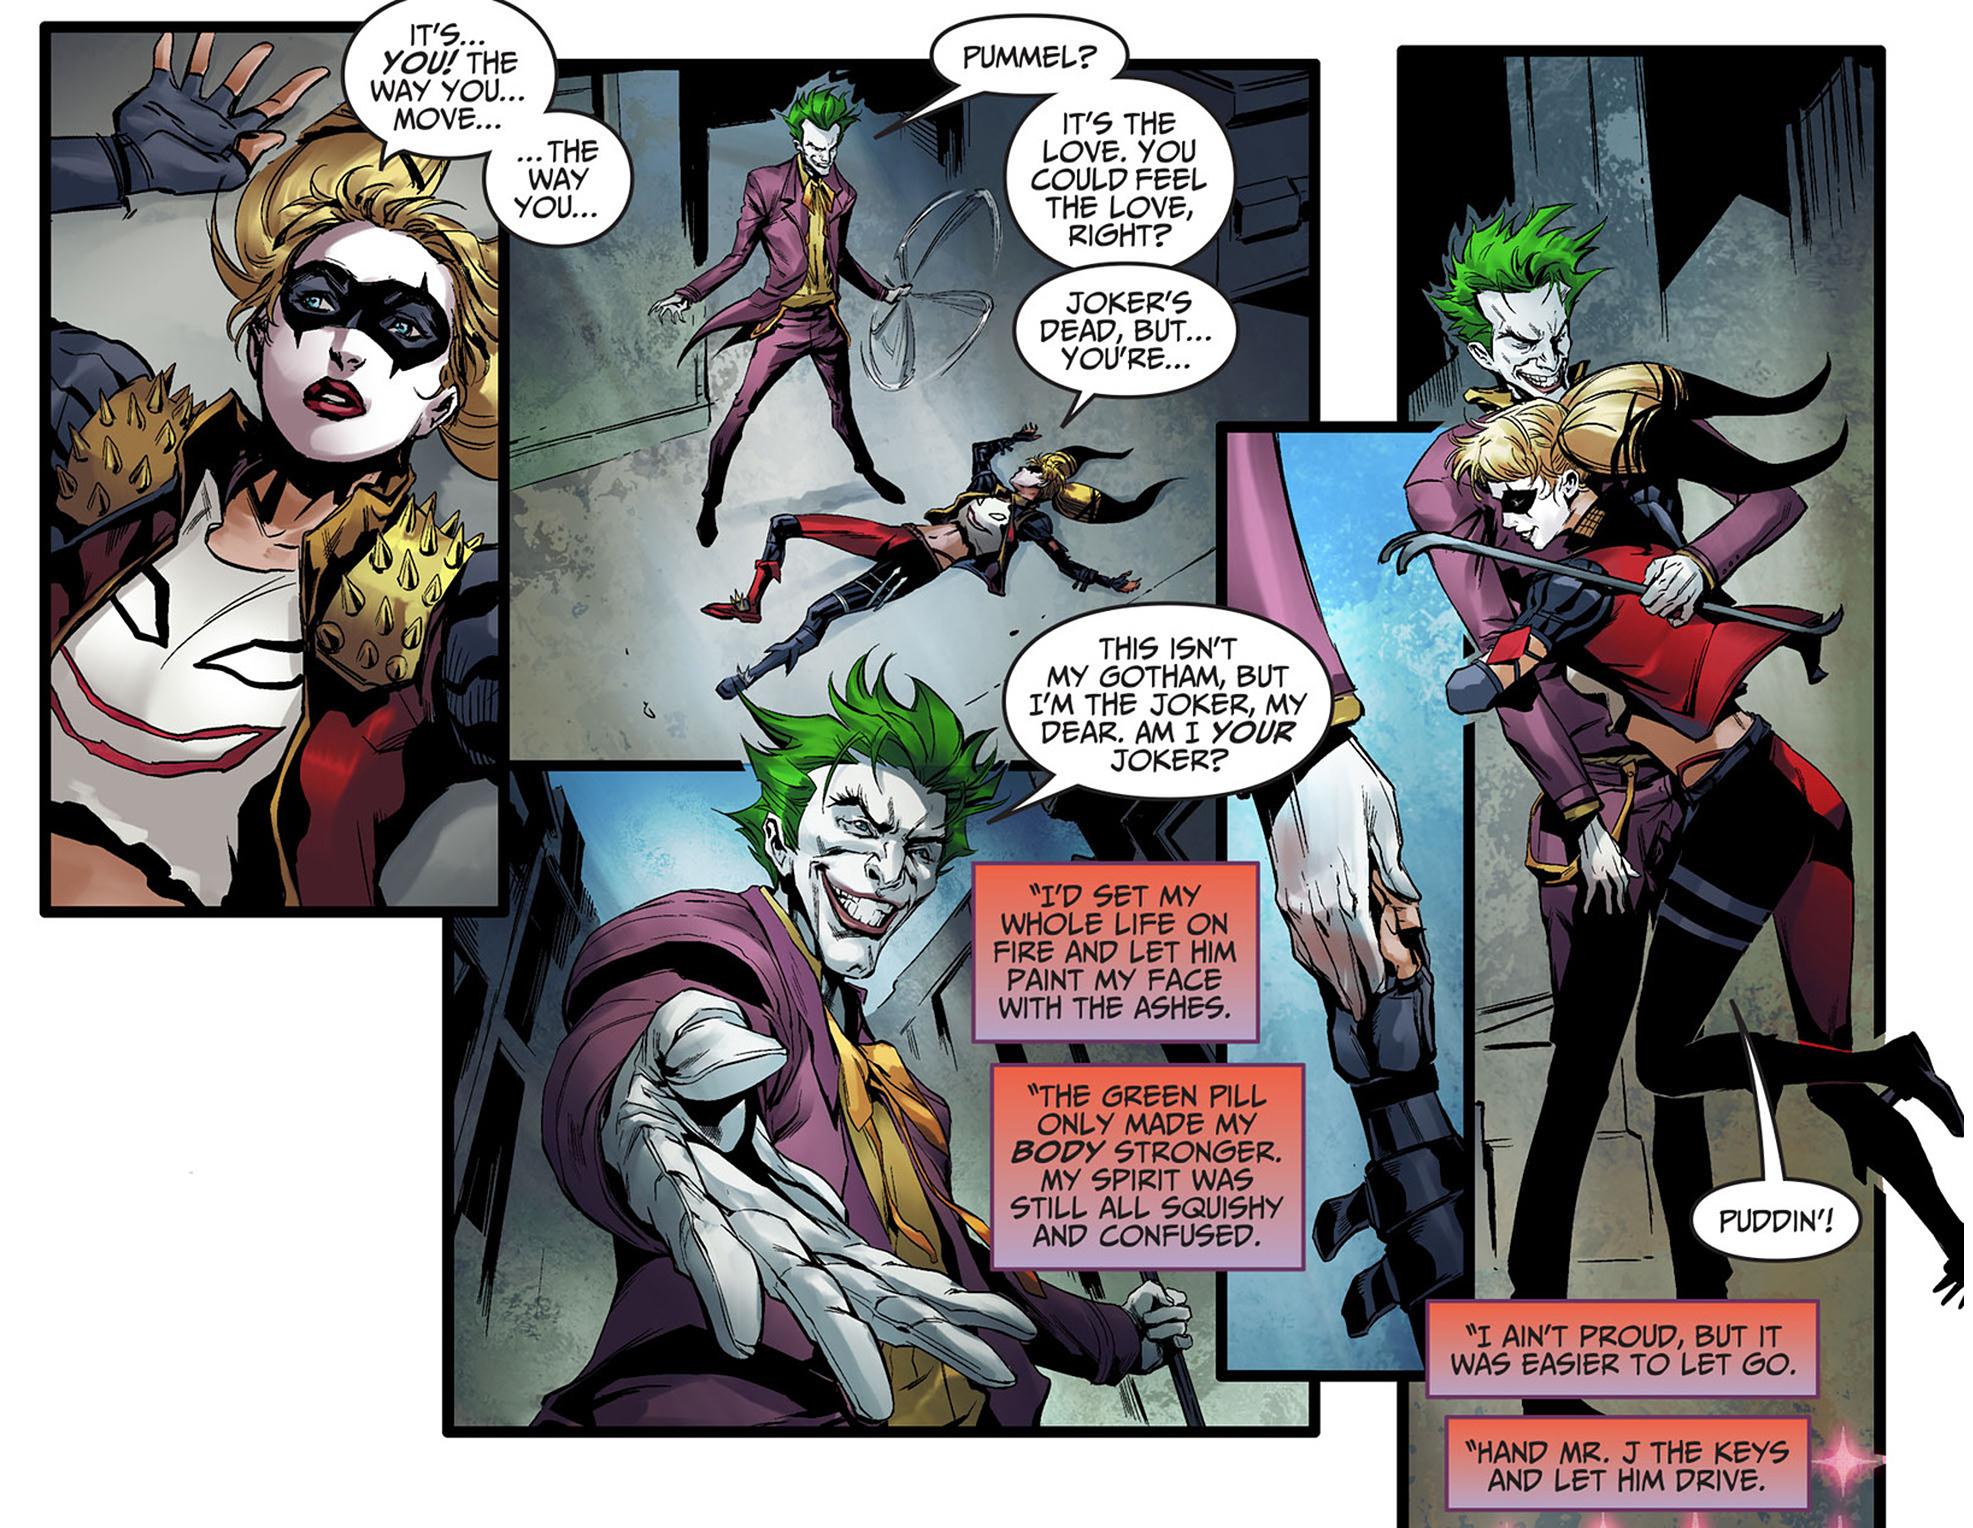 harley-quinn-vs-the-joker-injustice-gods-among-us-9